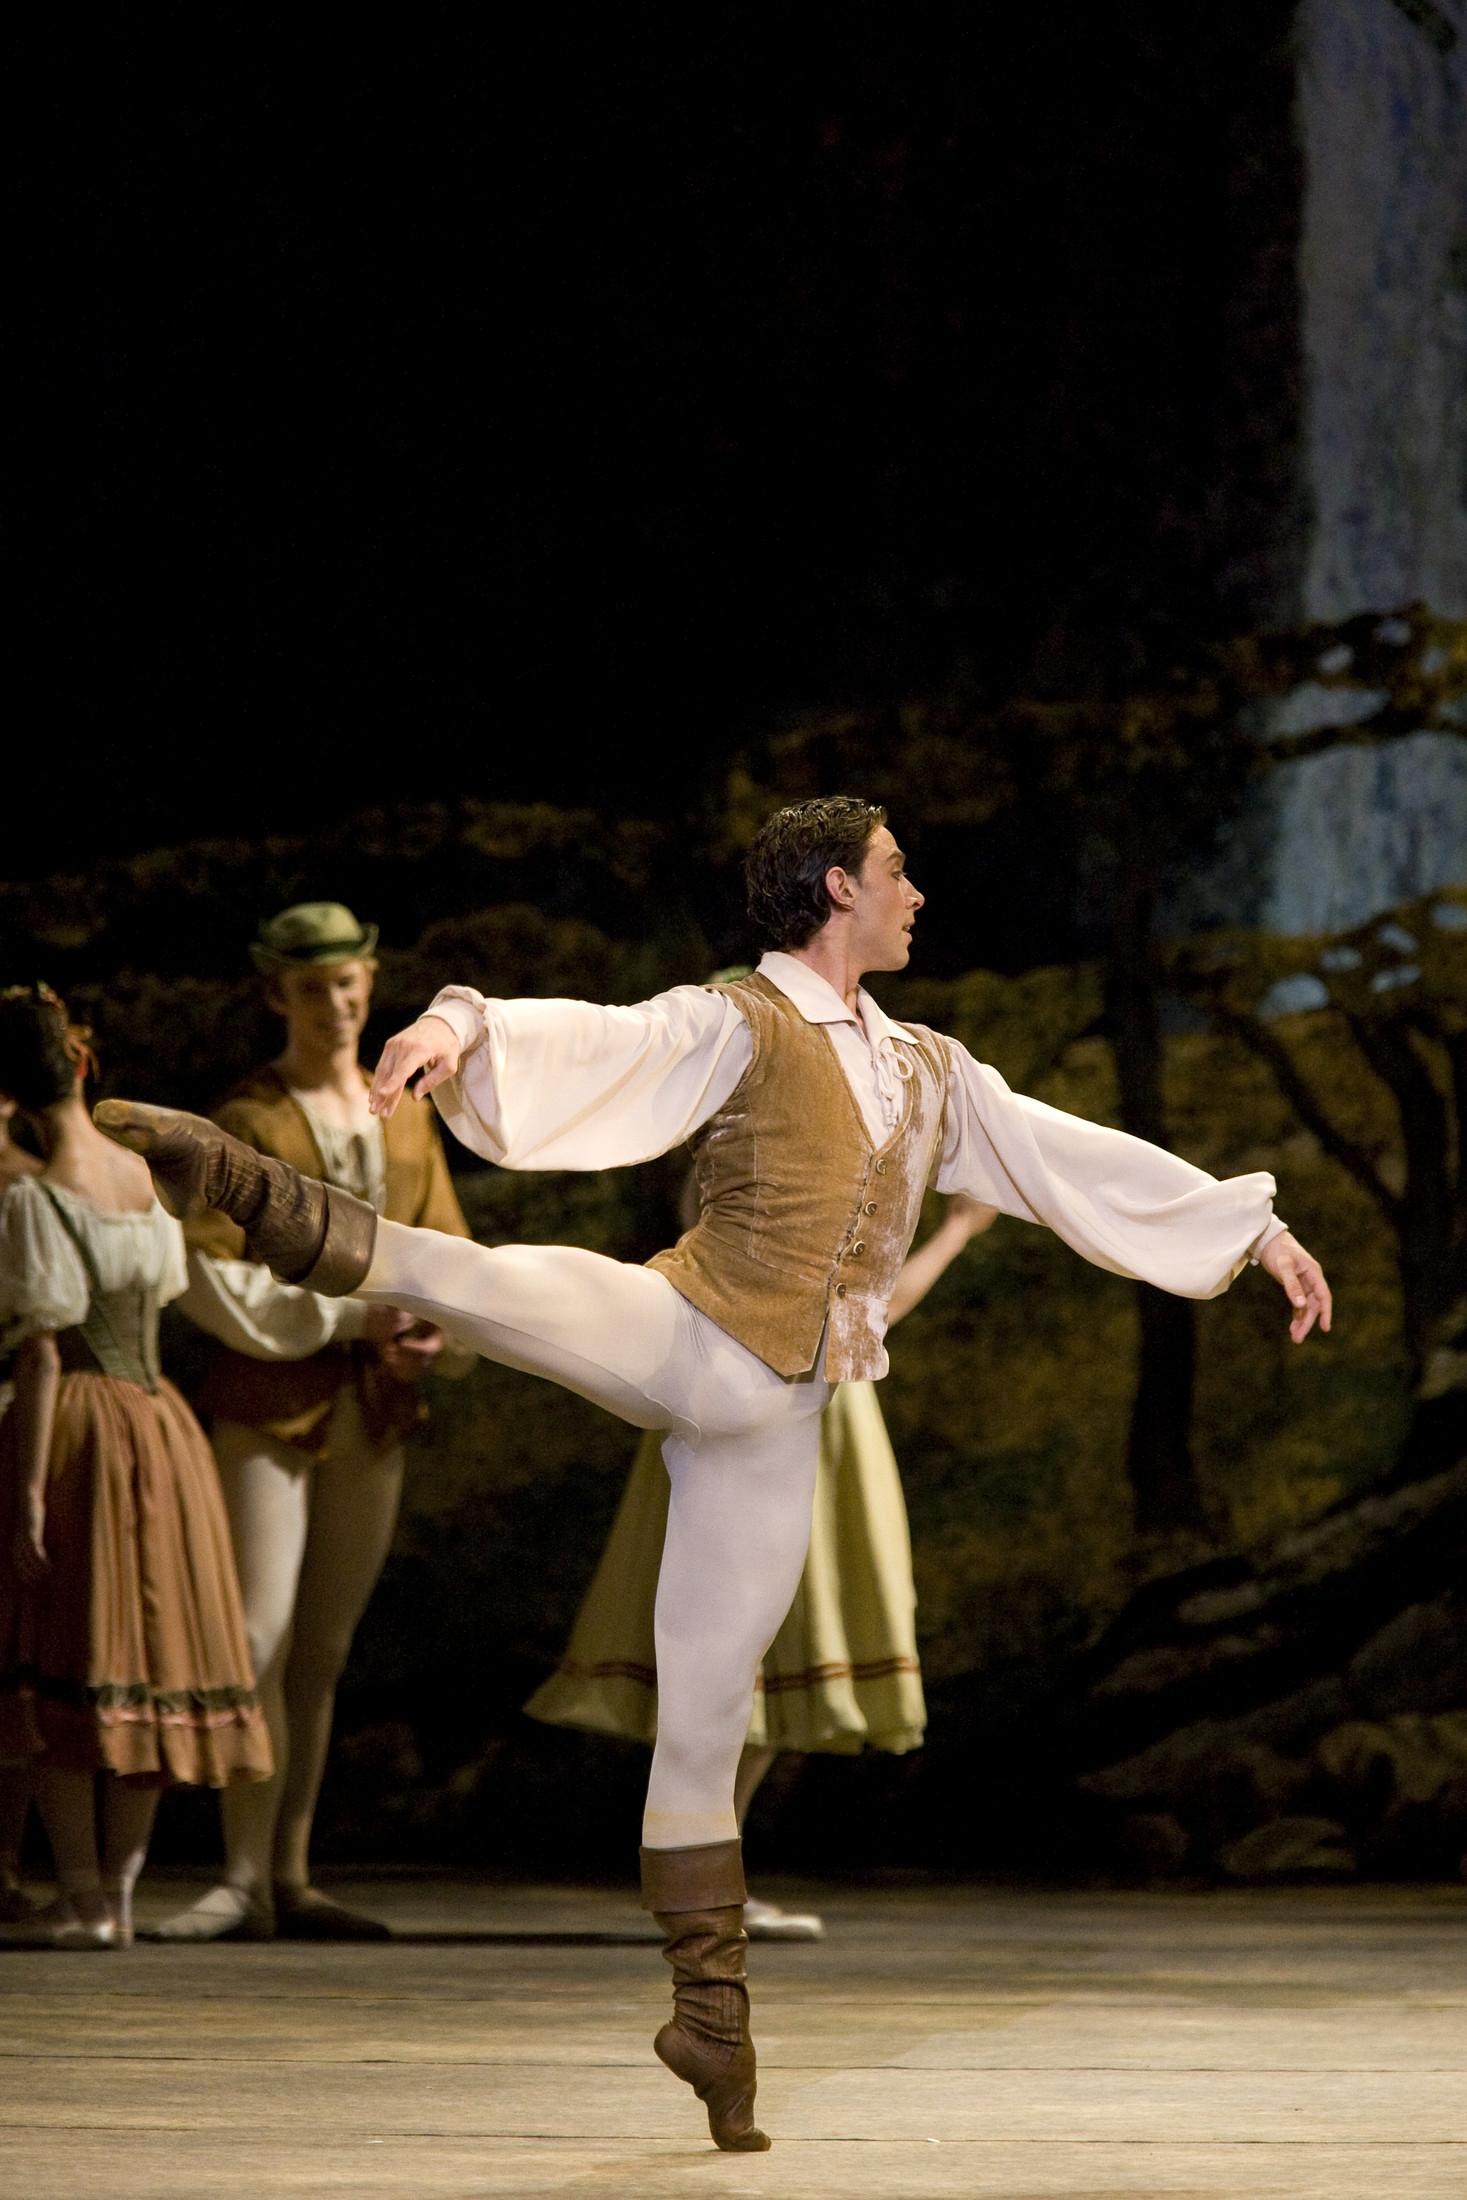 dancer in arabesque on stage